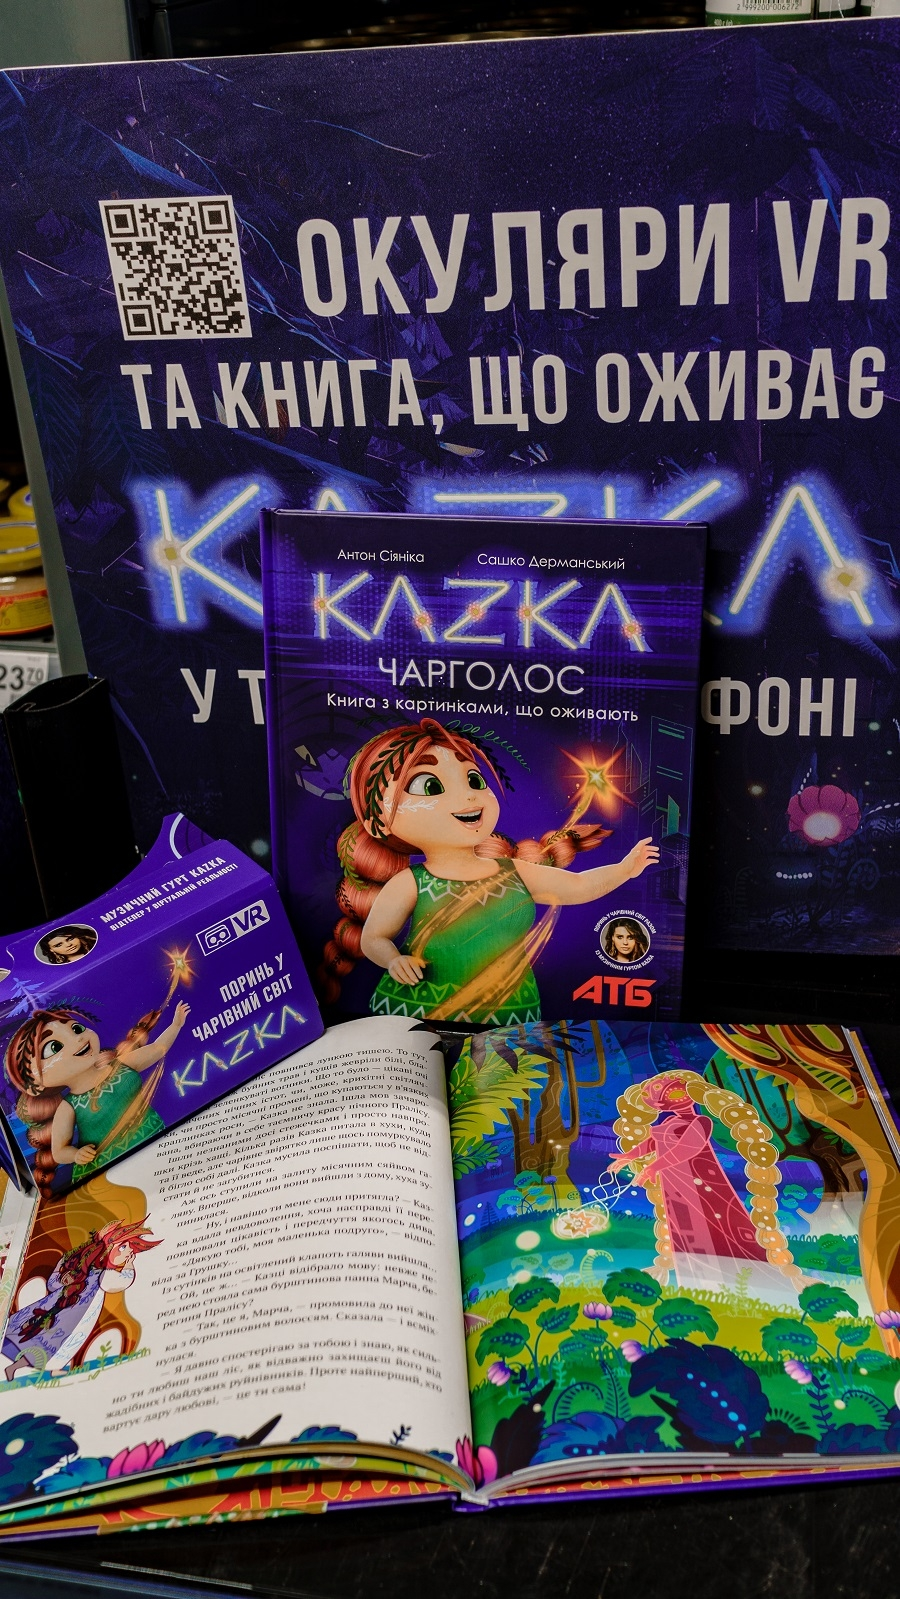 """Группа KAZKA выпустила детскую книгу, в которой персонажи """"оживают"""" в дополненной реальности - фото №3"""